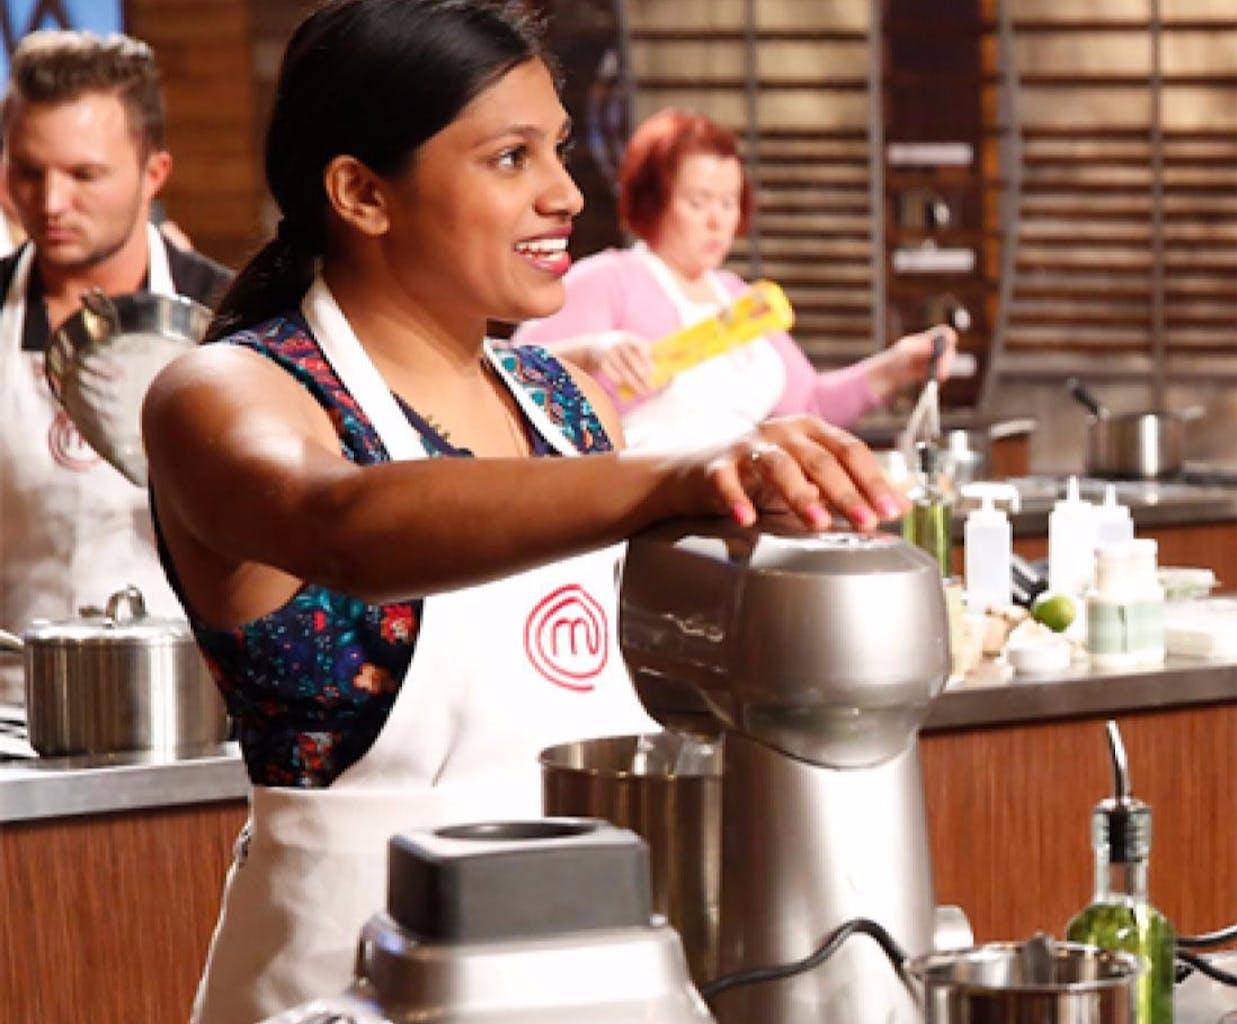 Hetal Vasavada, seema chefs, seema.com, seema network, seema newsletter, seema trends, seema food trends, seema 2020, seema food, seema chef profile